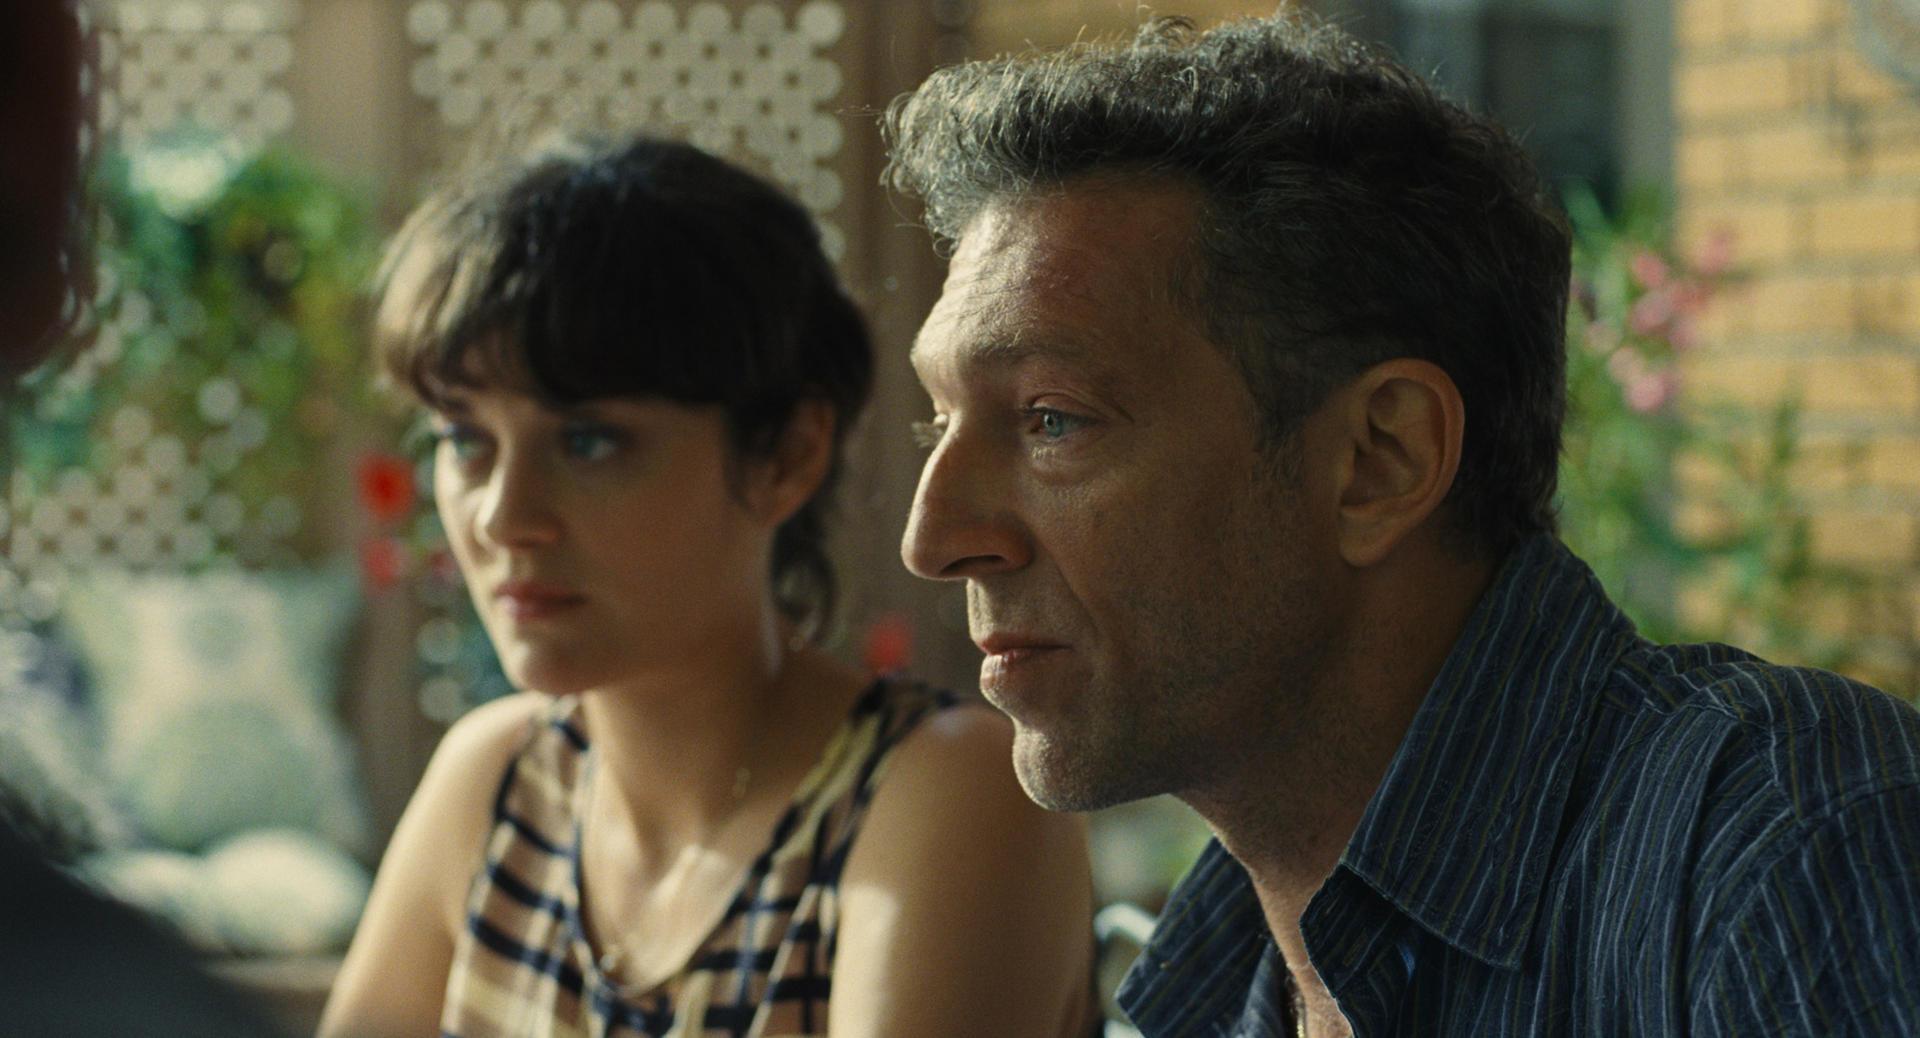 Cena de É Apenas o Fim do Mundo, de Xavier Dolan, com Marion Cotillard e Vincent Cassel. Pic by moviepilot.de